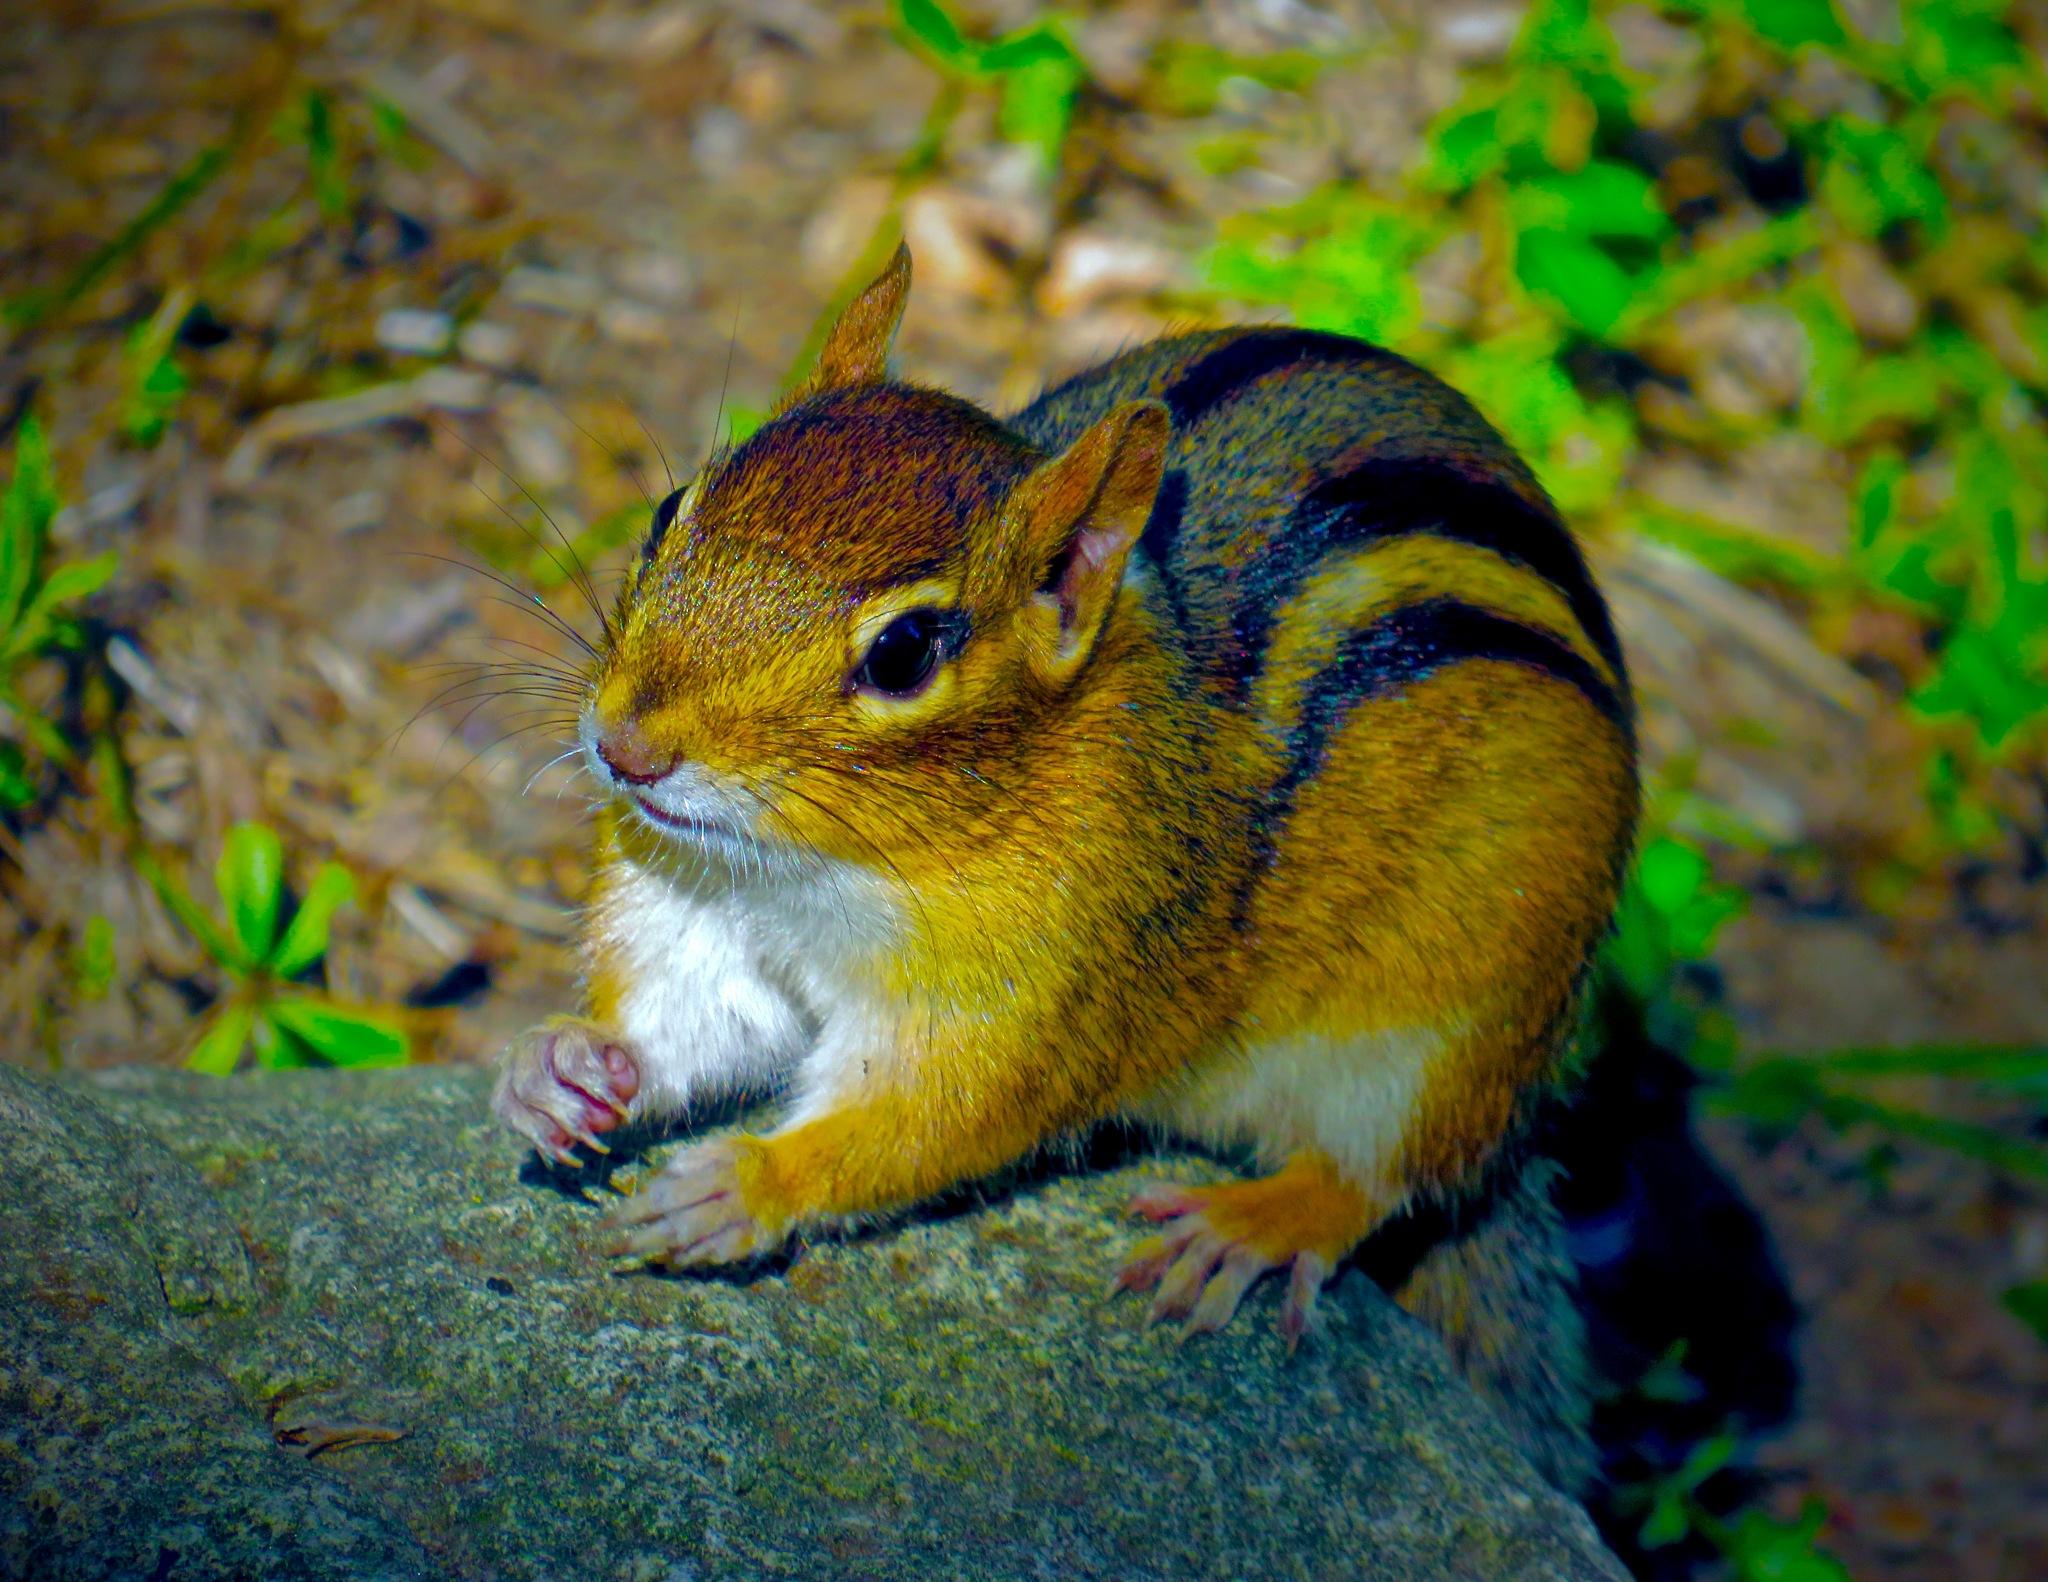 so hey .... ya got nuts or wot huh !!!  by David Devion